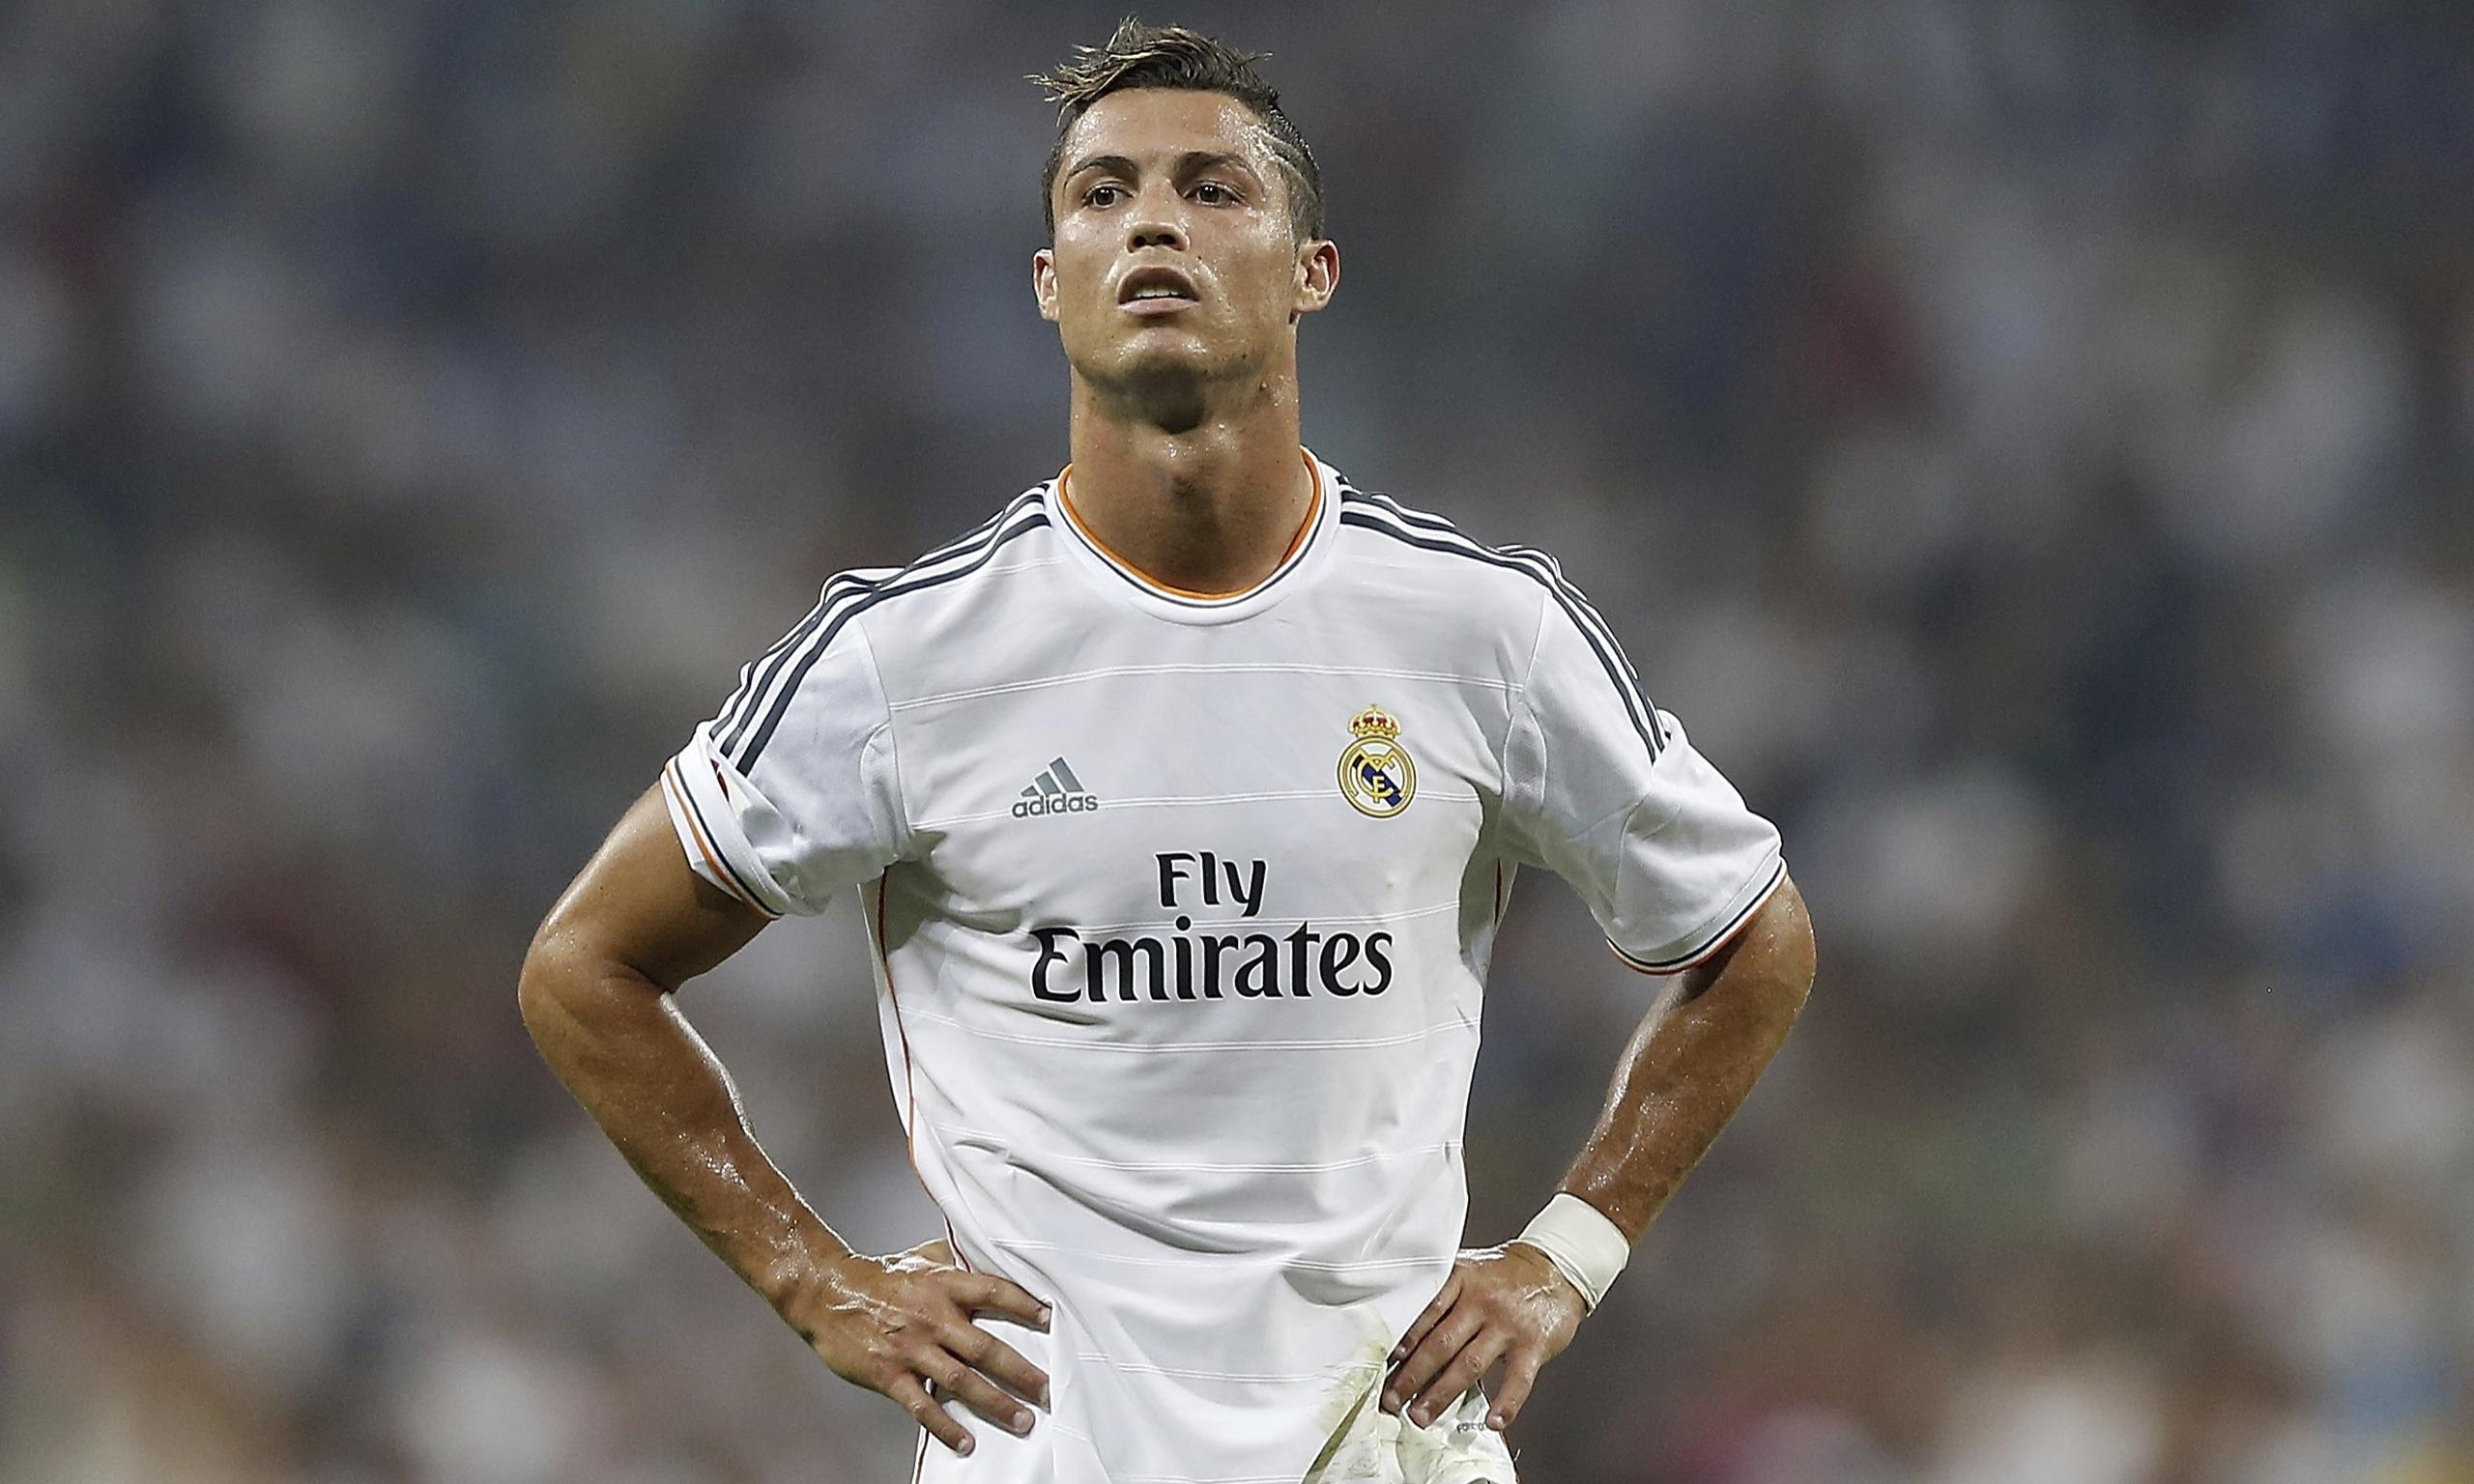 Châu Tuyết Vân hâm mộ Cris Ronaldo vì vẻ ngoài đẹp trai cũng như tính cách nhân hậu